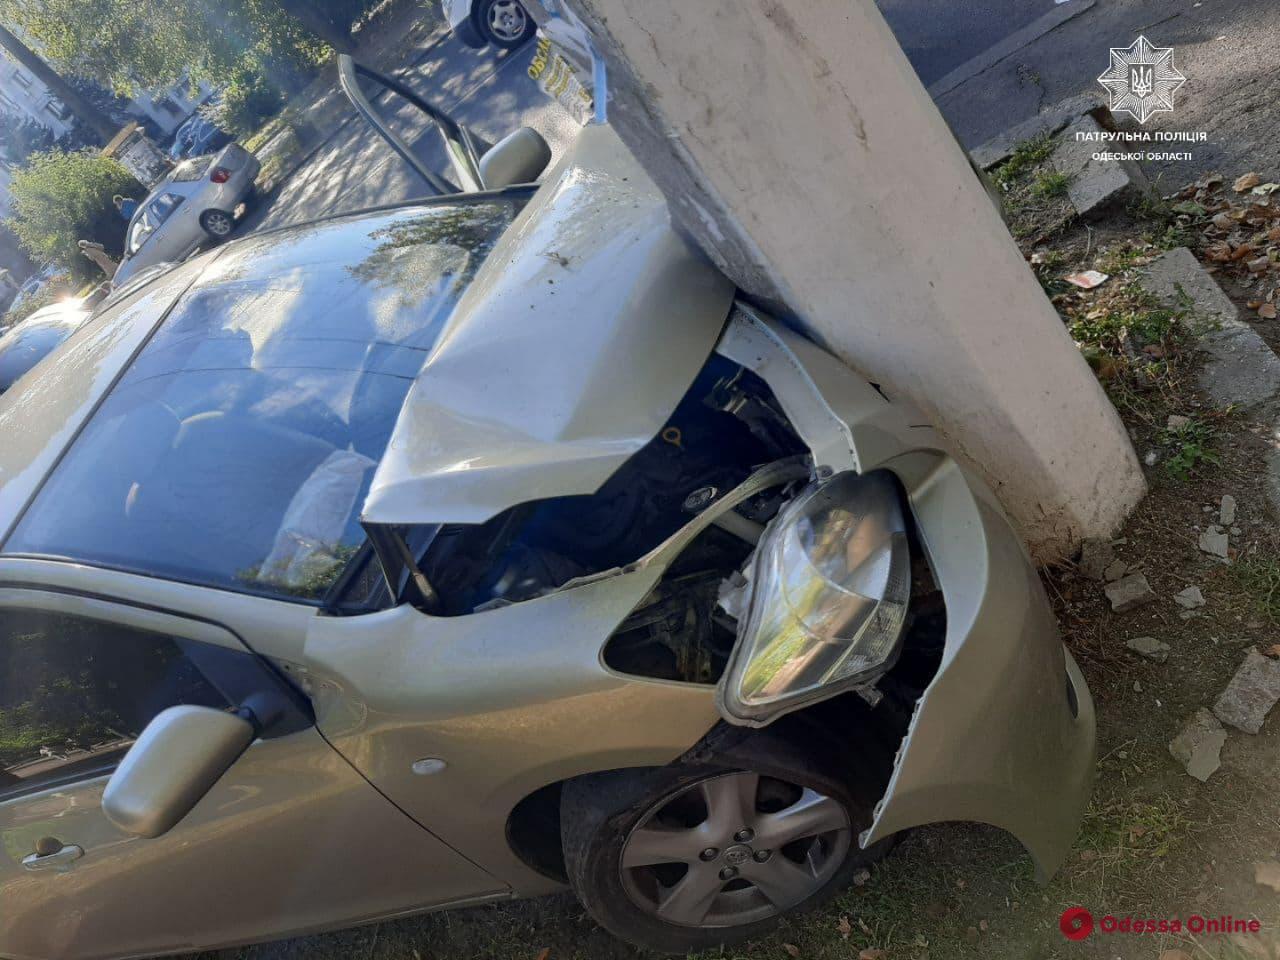 Пьяное ДТП: на проспекте Шевченко водитель Toyota врезался в столб